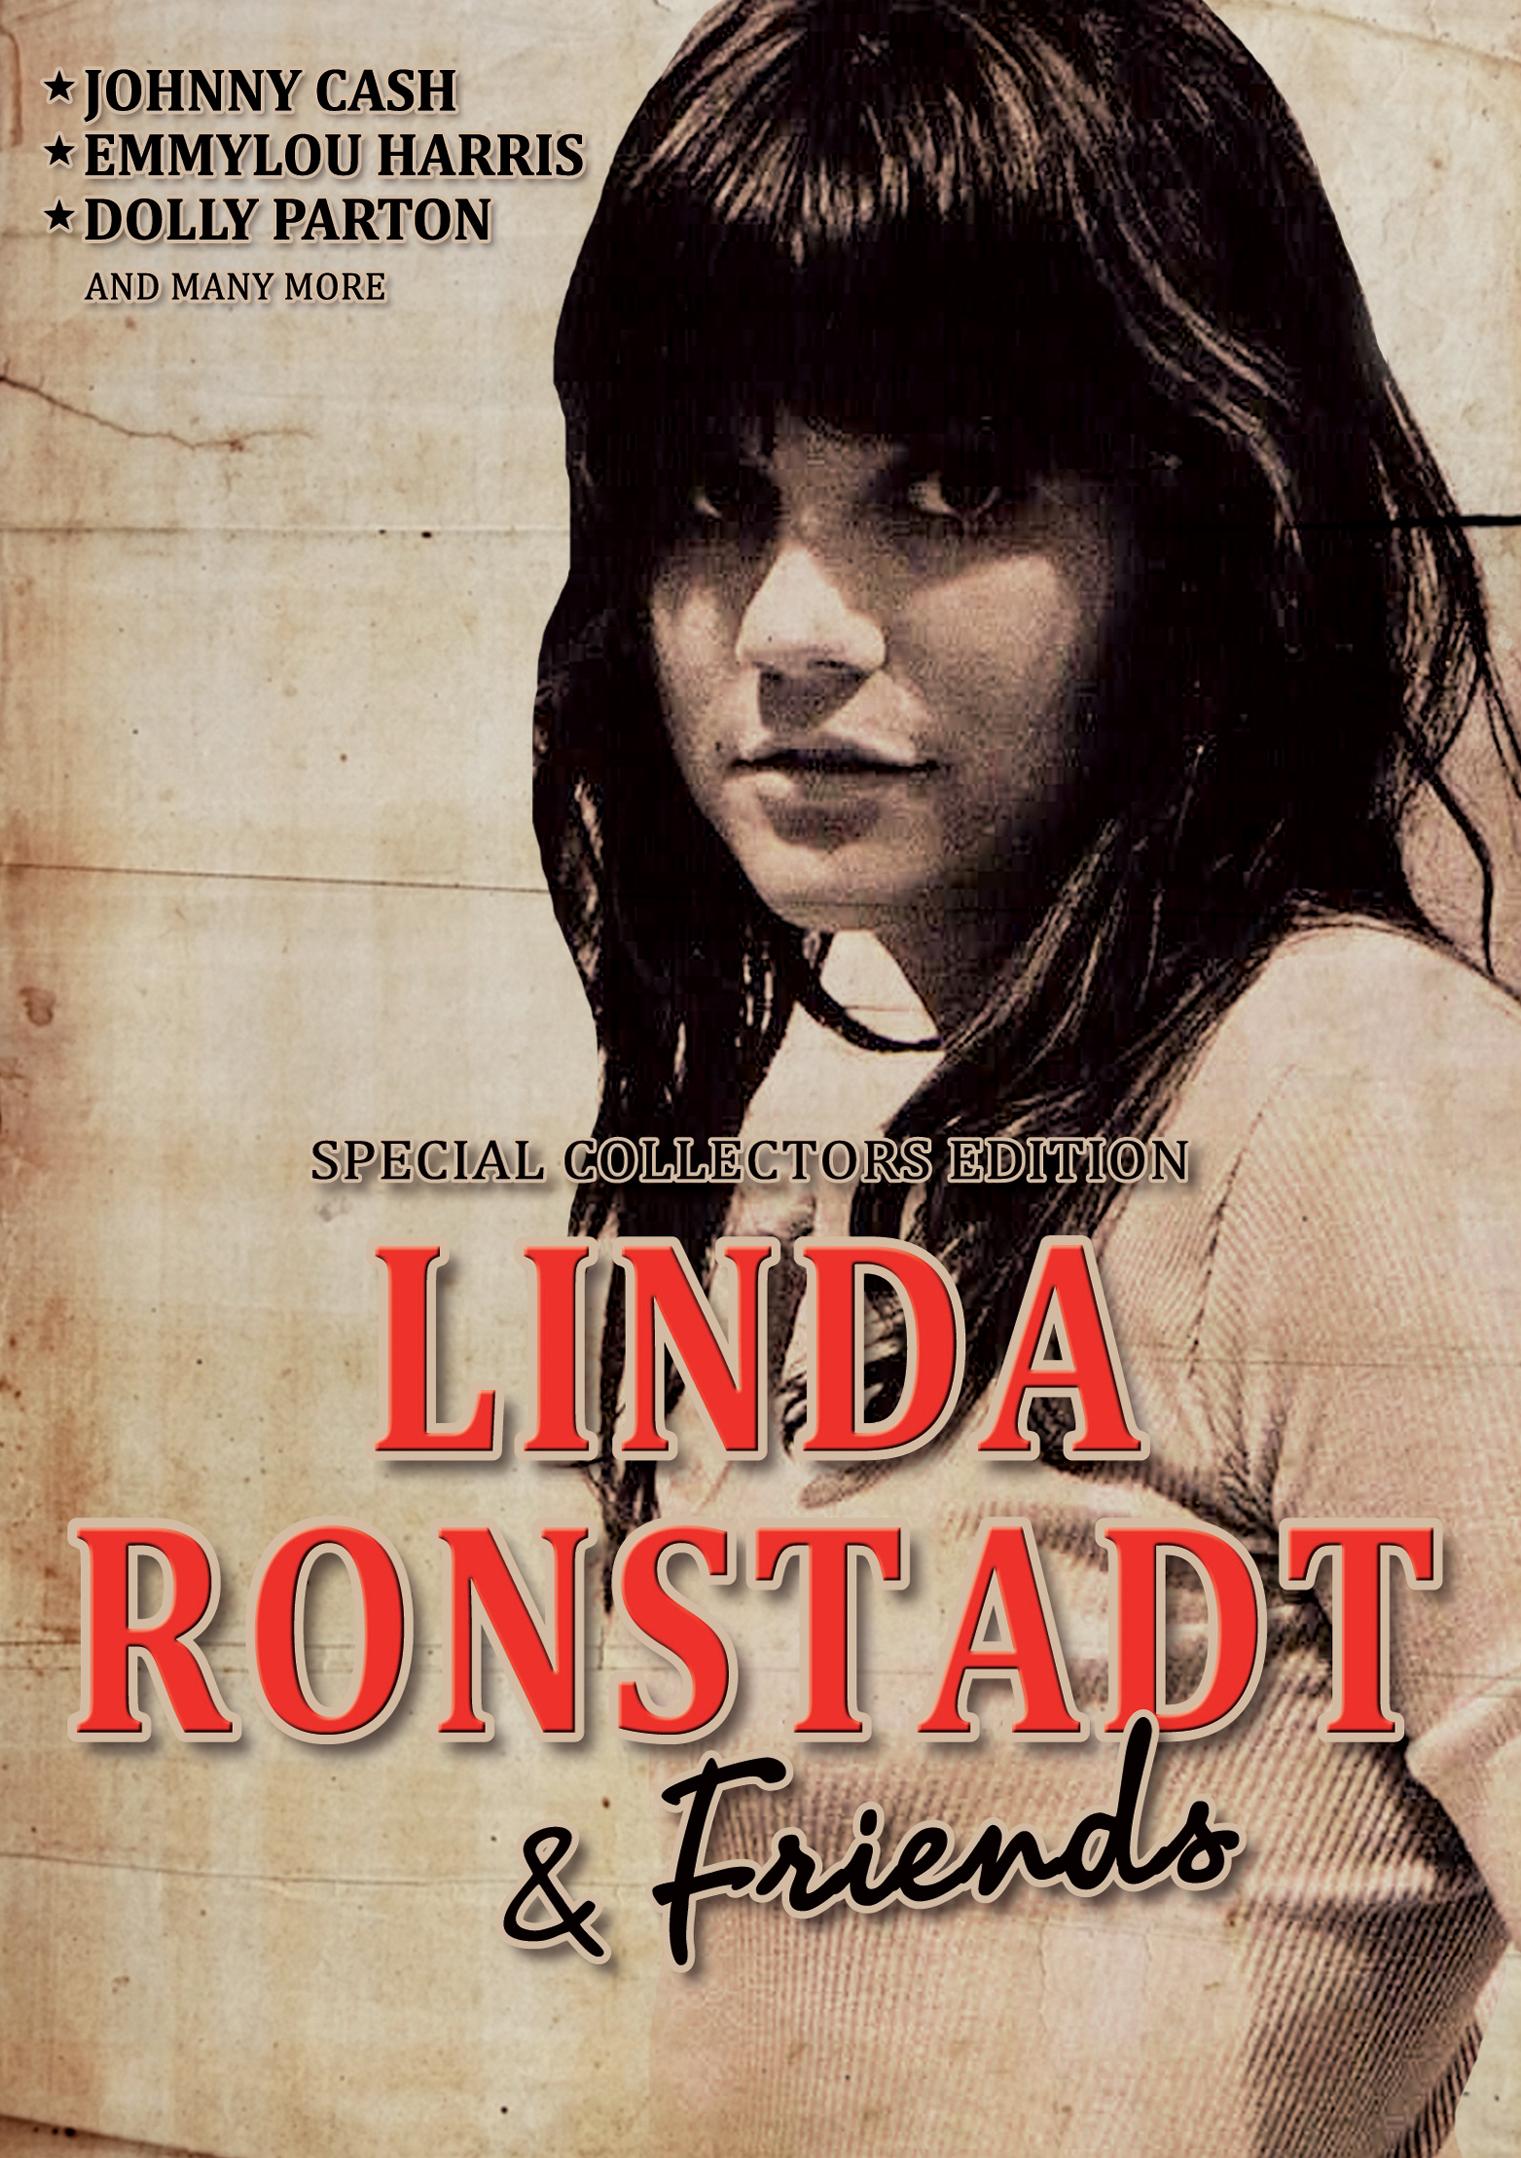 Linda Ronstadt & Friends